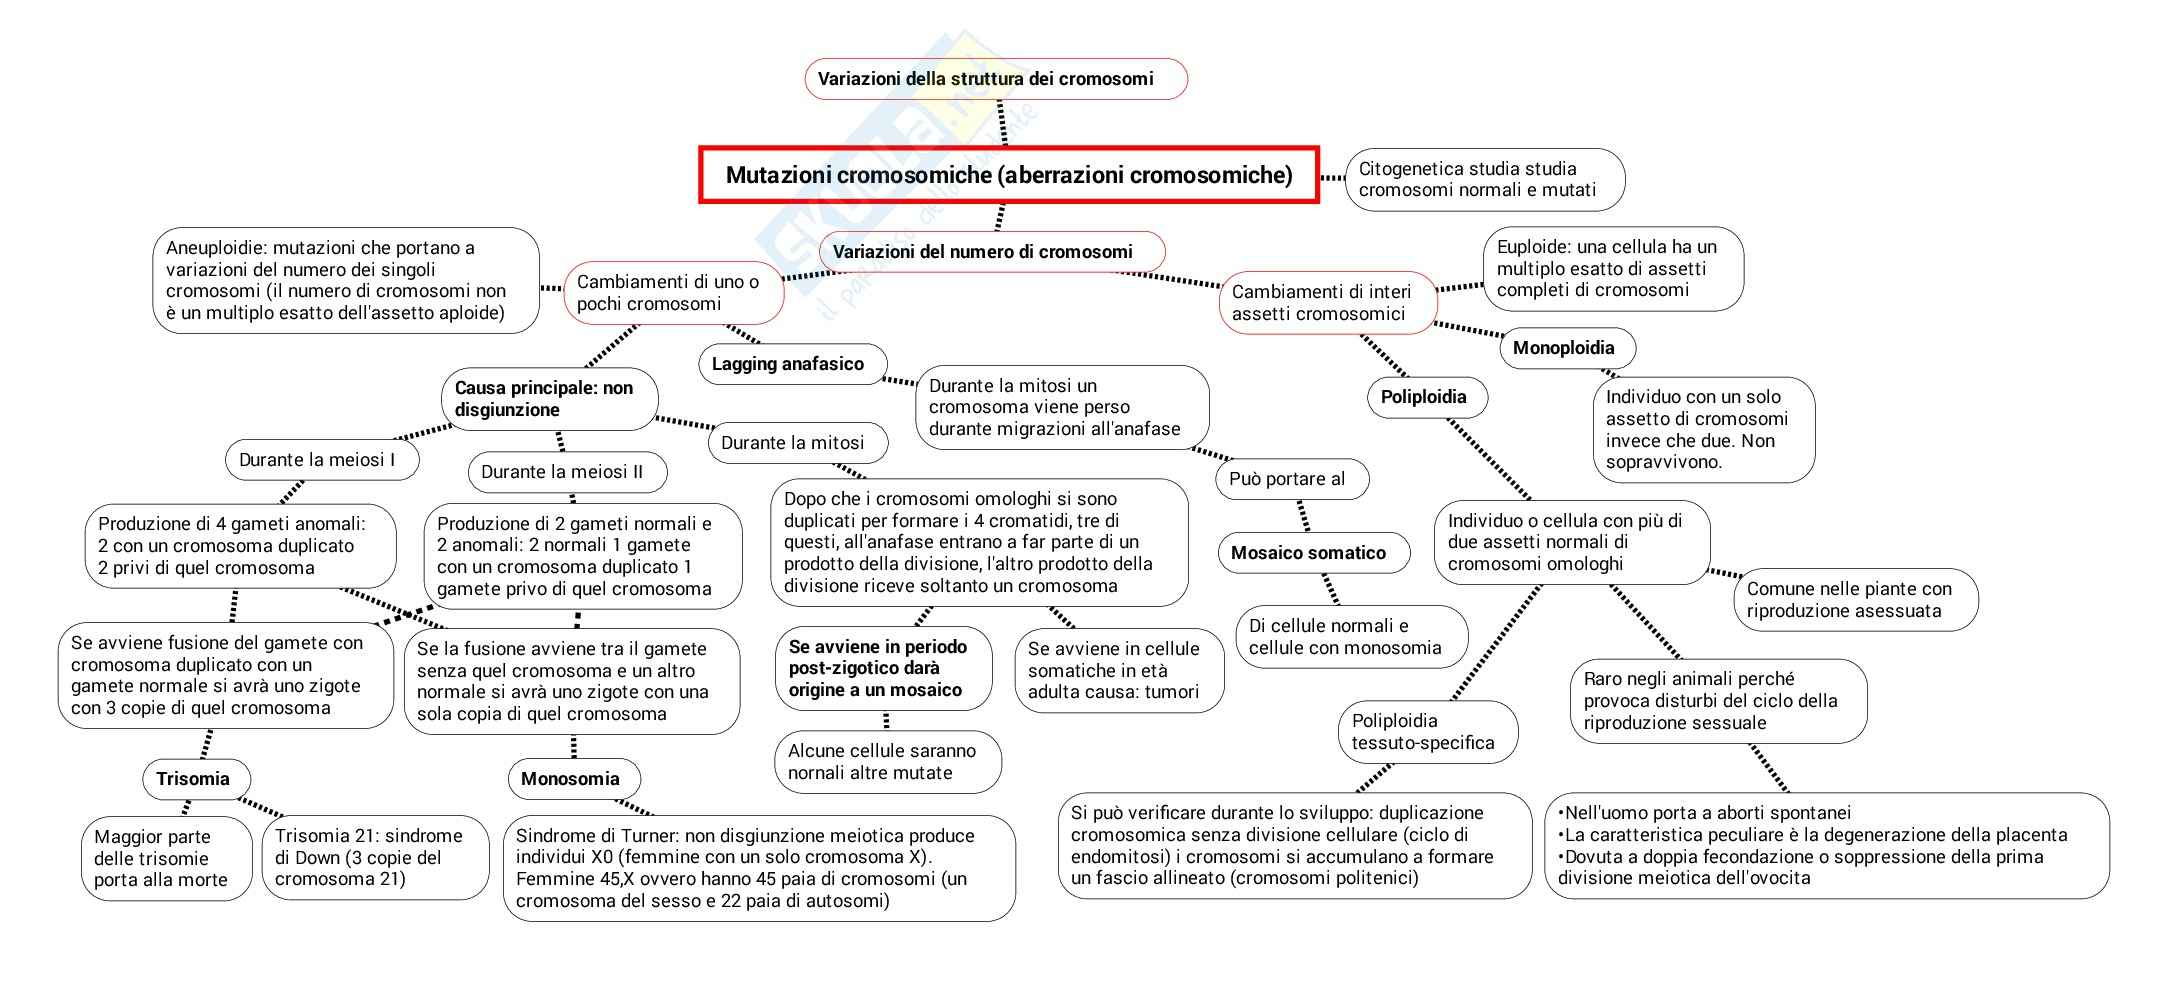 Schema su Variazioni della struttura e del numero dei cromosomi